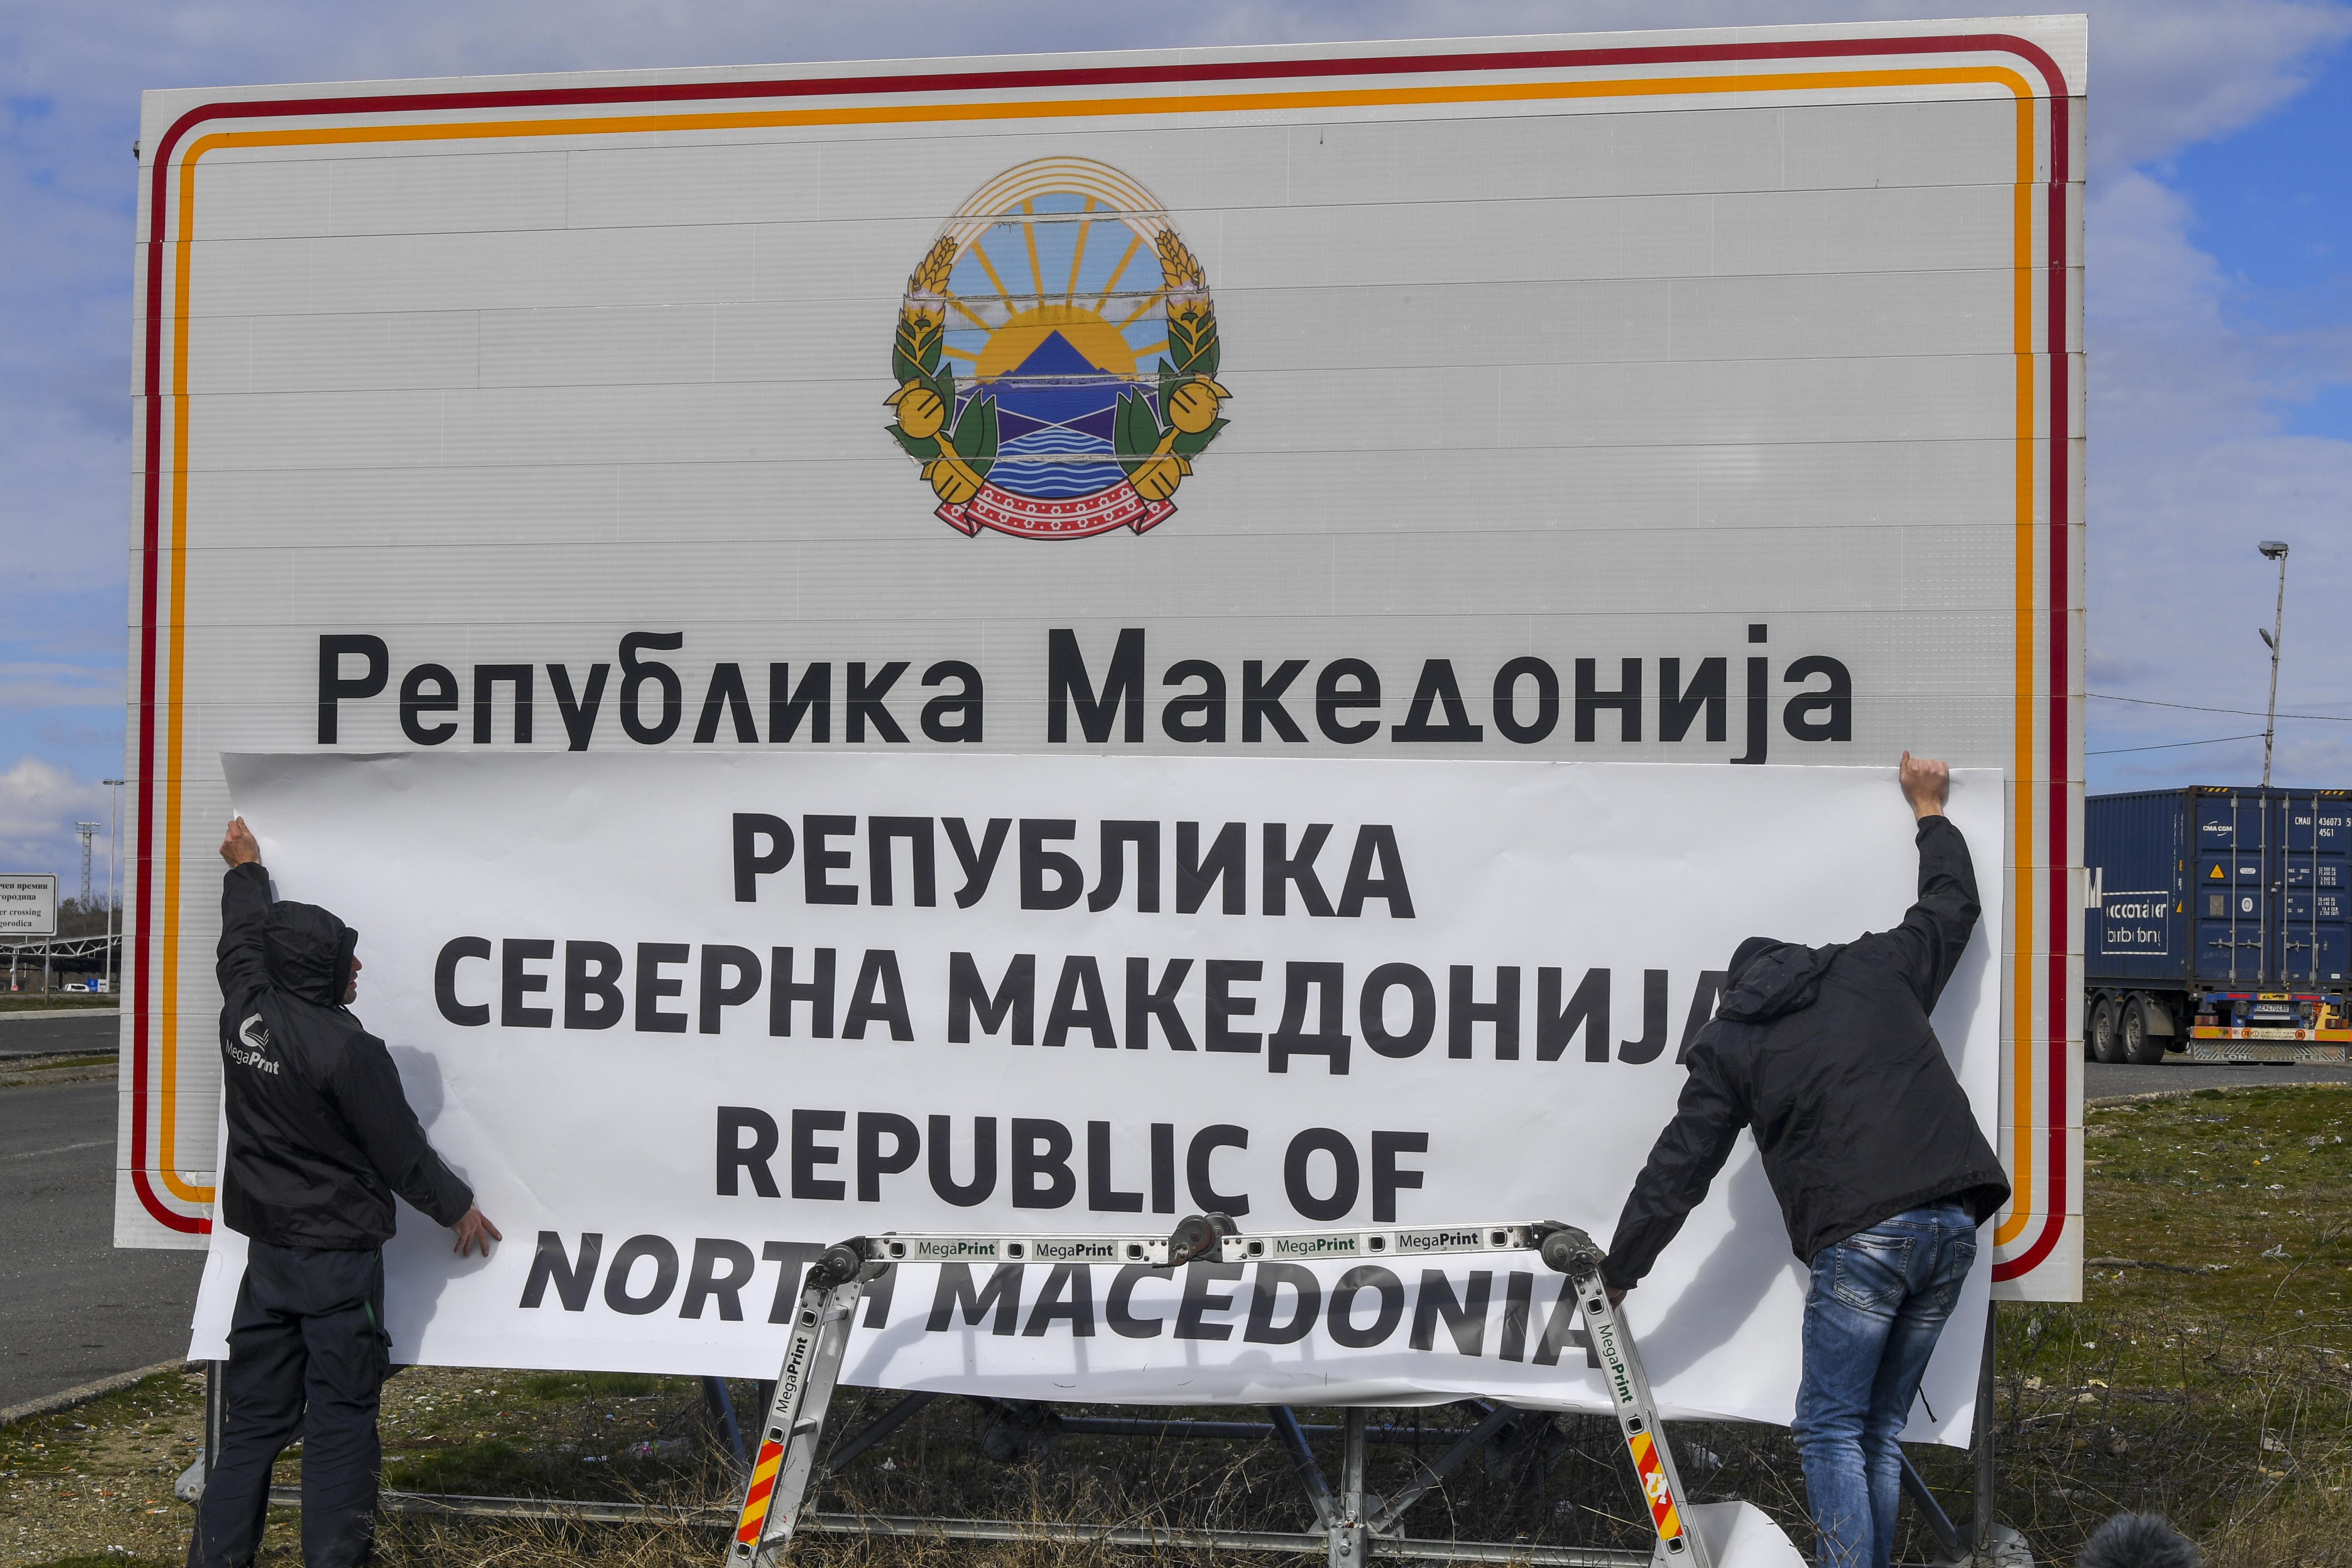 Работниците фиксират новото име на Република Северна Македония на граничния пункт Богородица между Македония и Гърция